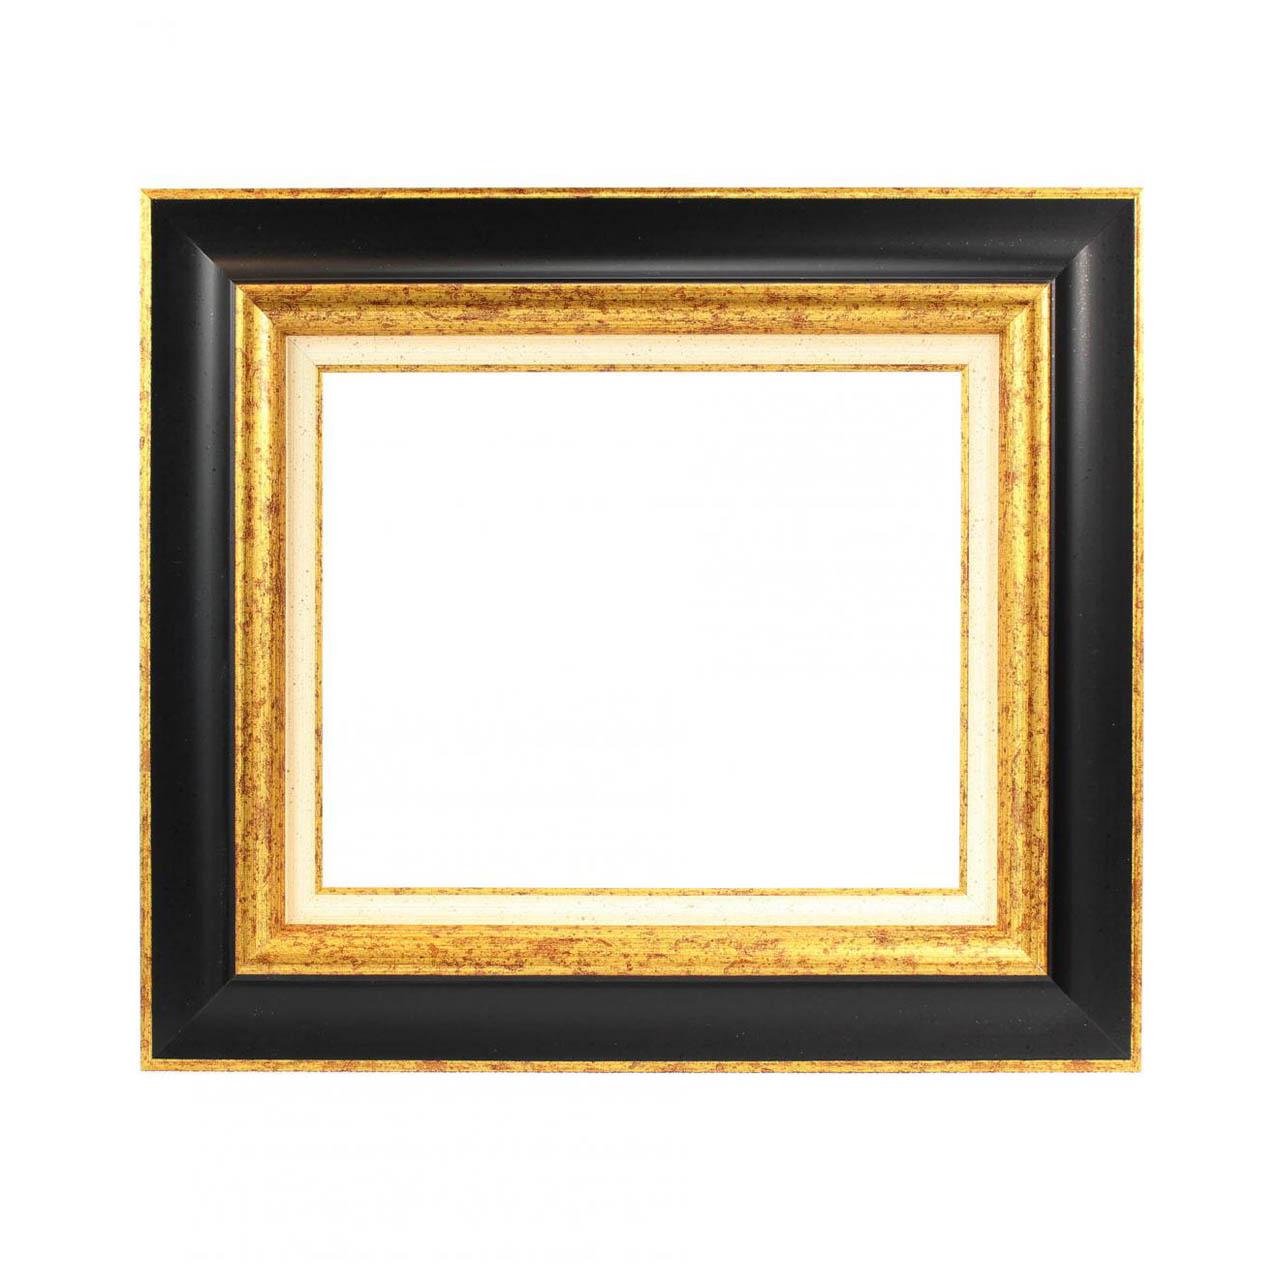 encadrement pour toile cadre pour tableau cadre pour. Black Bedroom Furniture Sets. Home Design Ideas